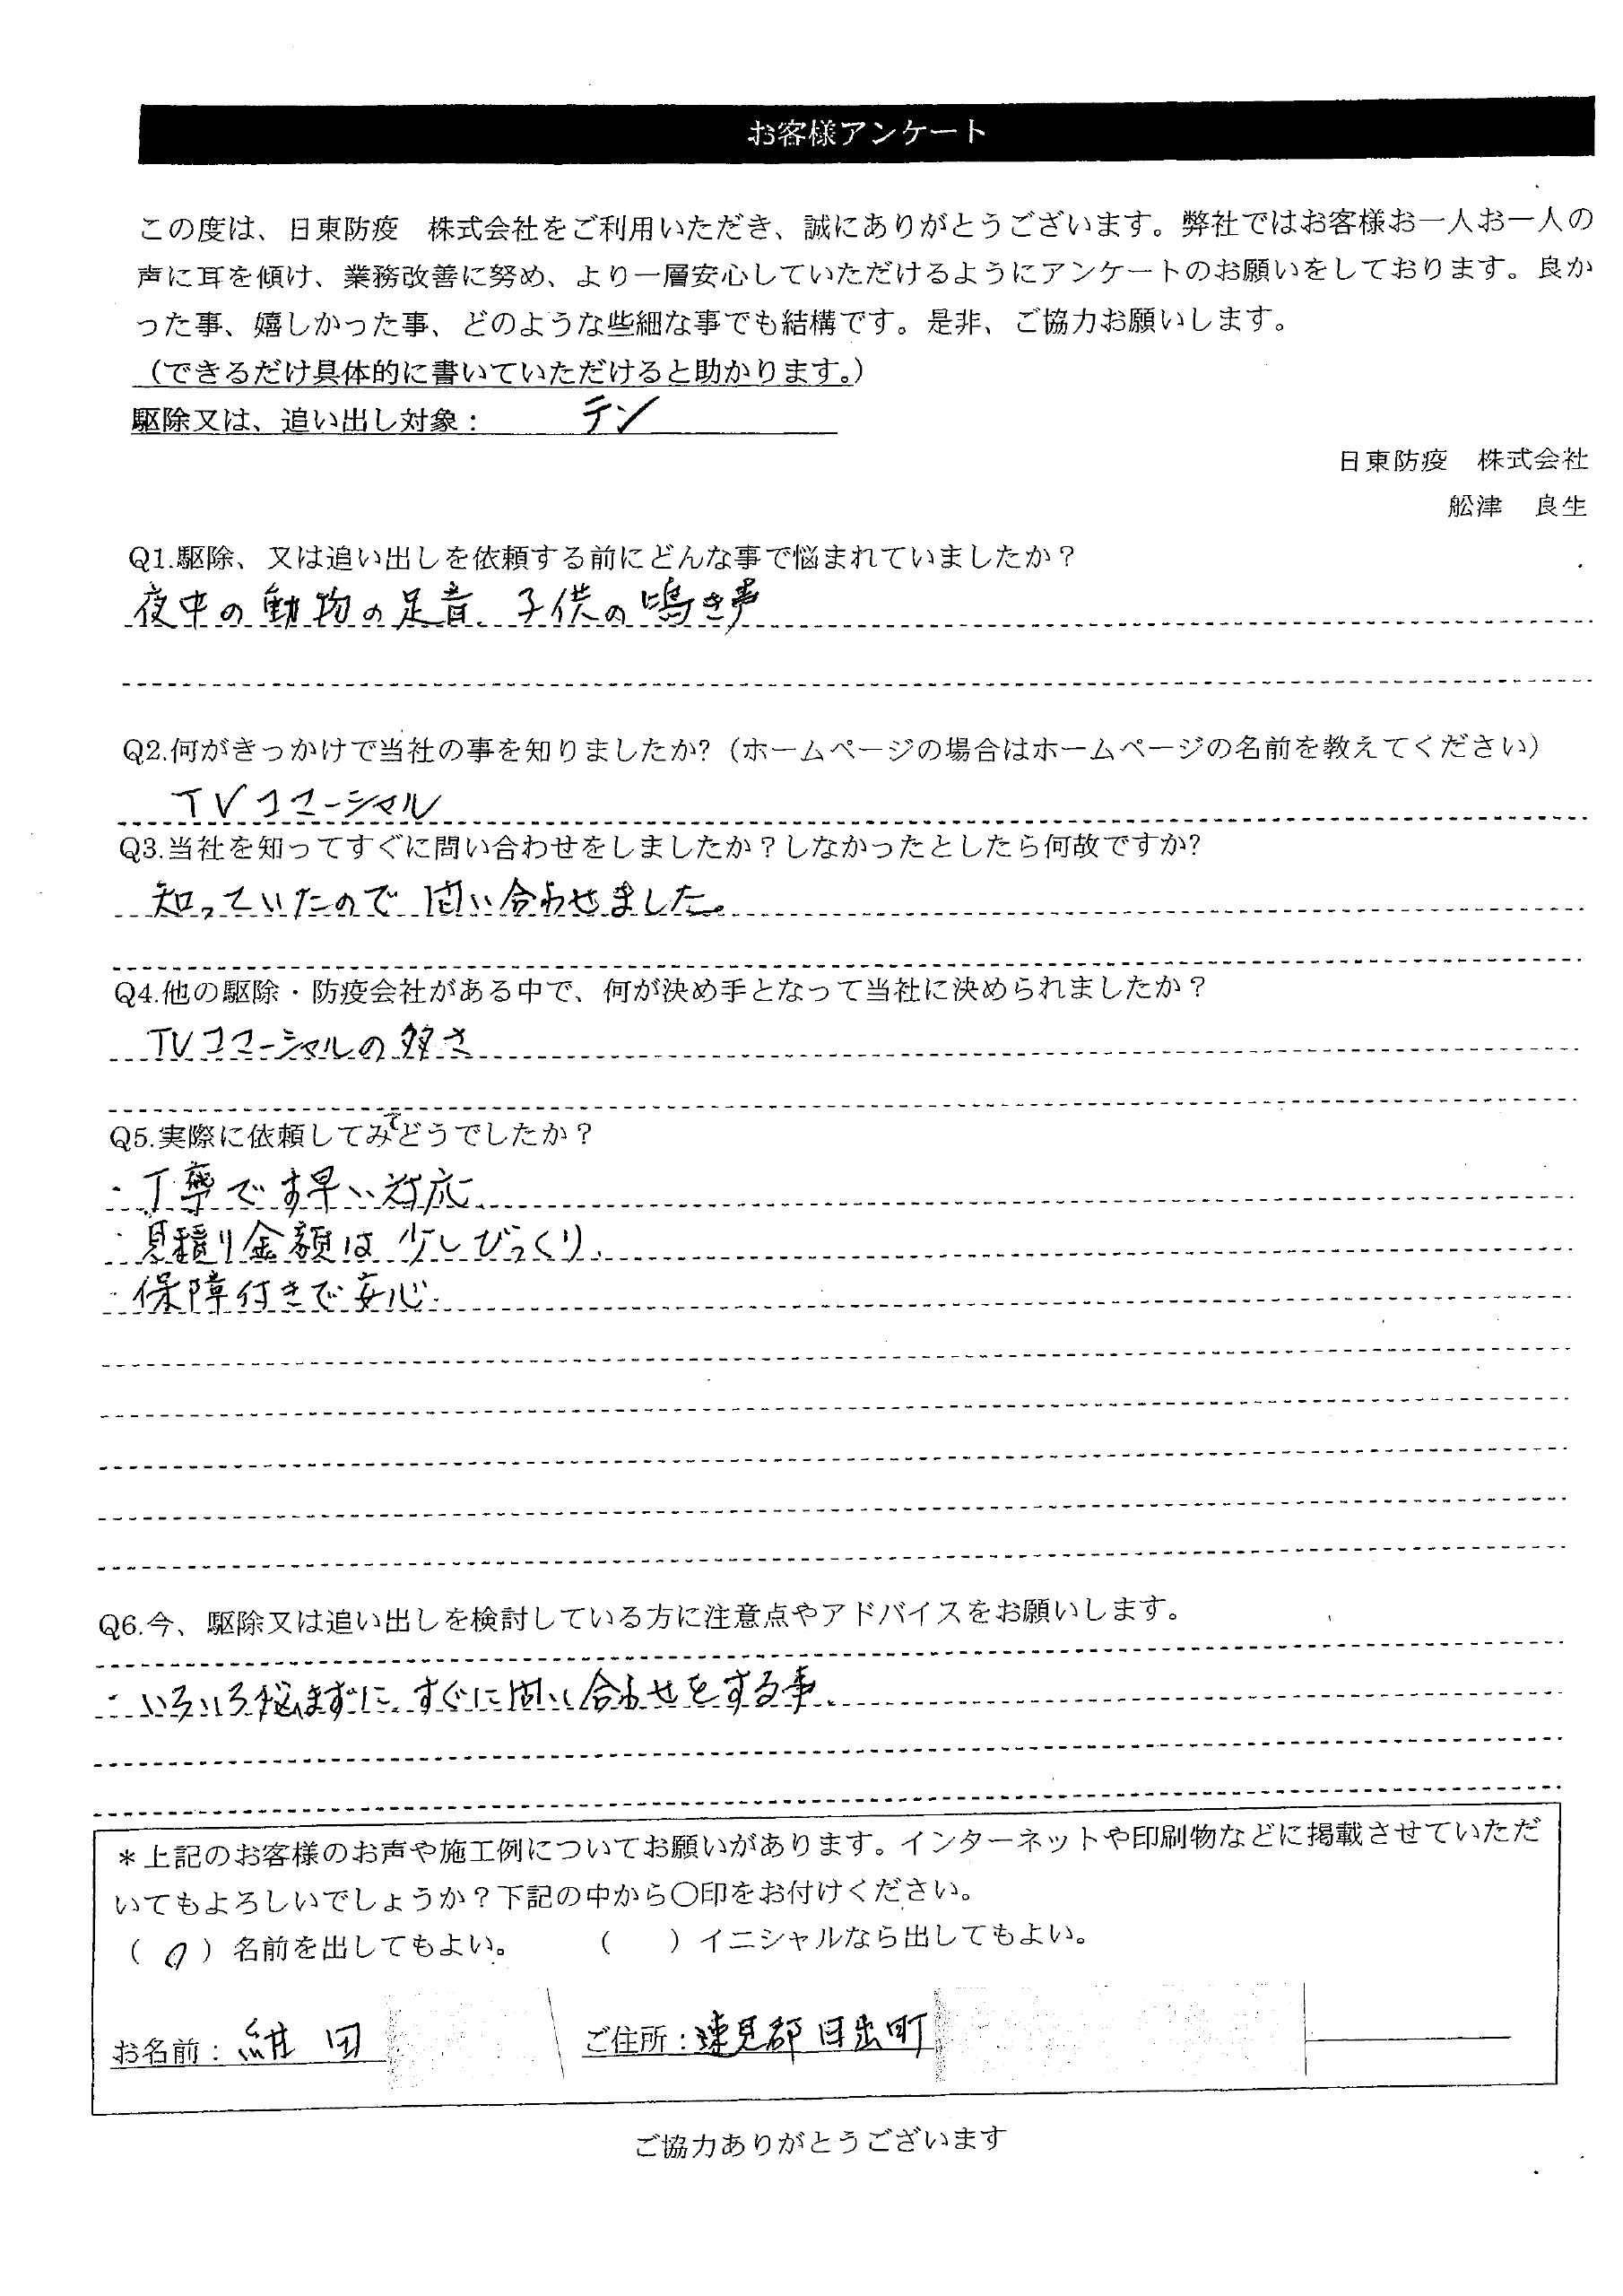 画像:紺田様アンケート用紙